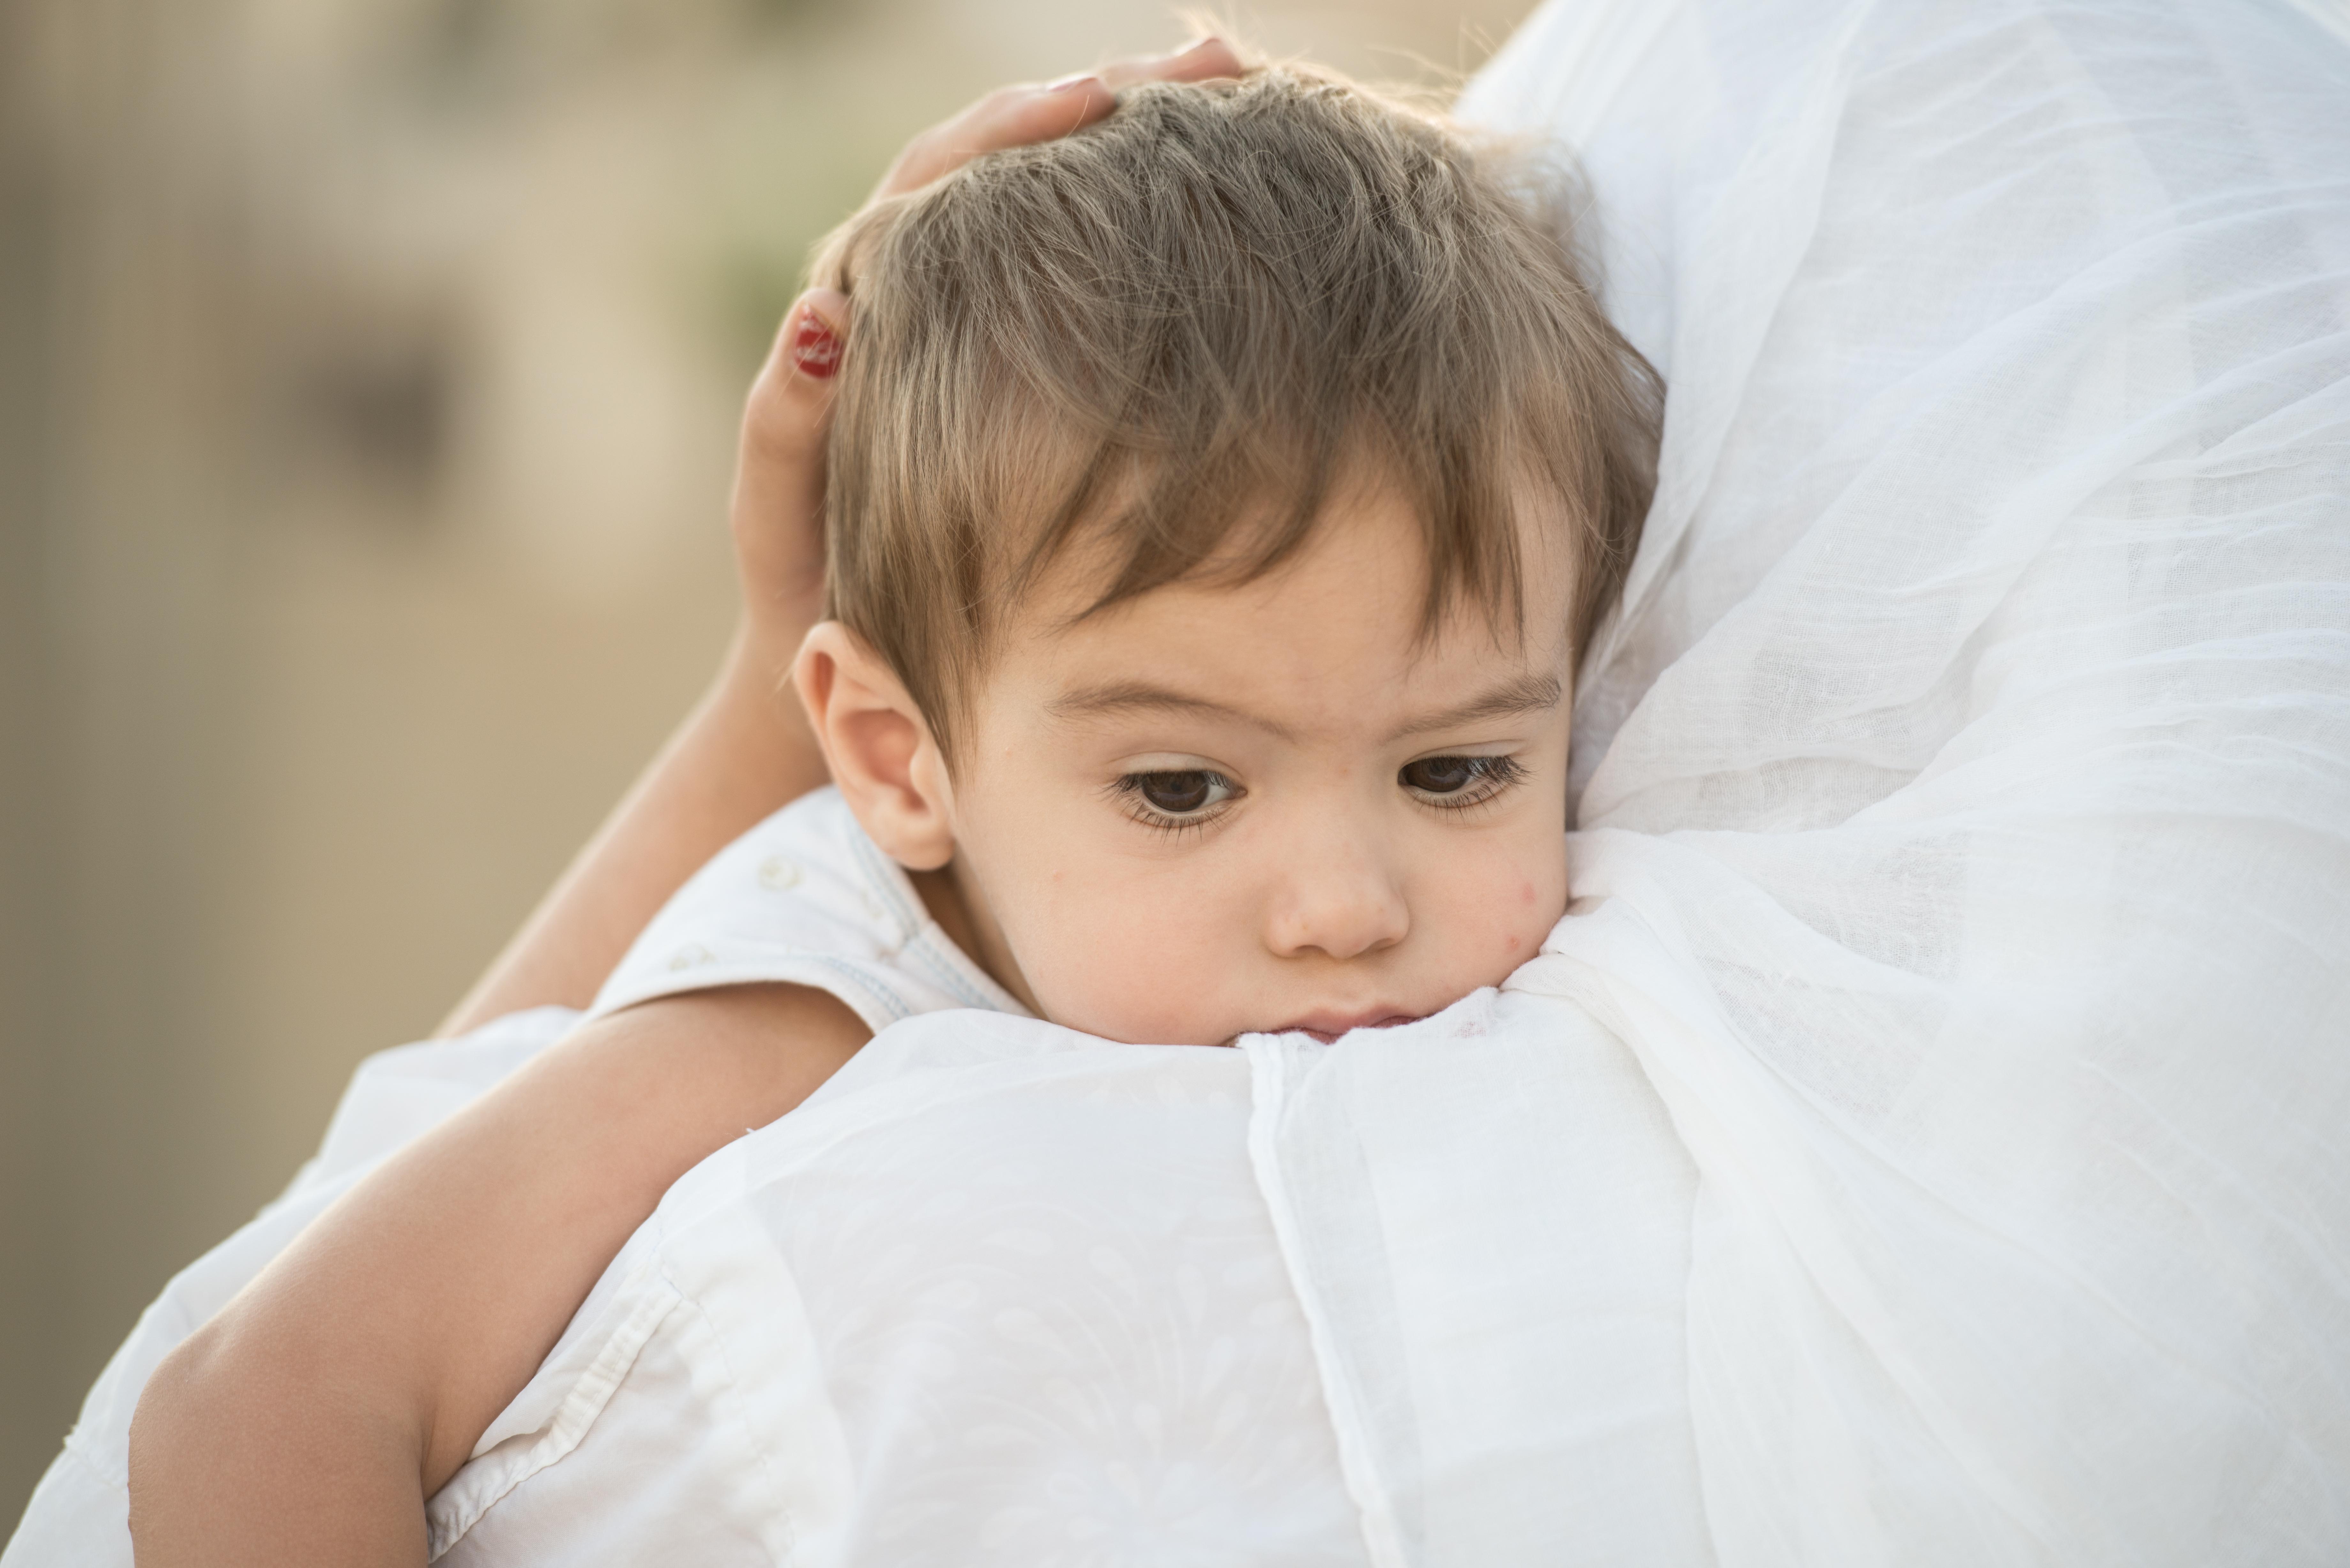 refugee-mother-child-ZouZou-shutterstock_246979801,jpg